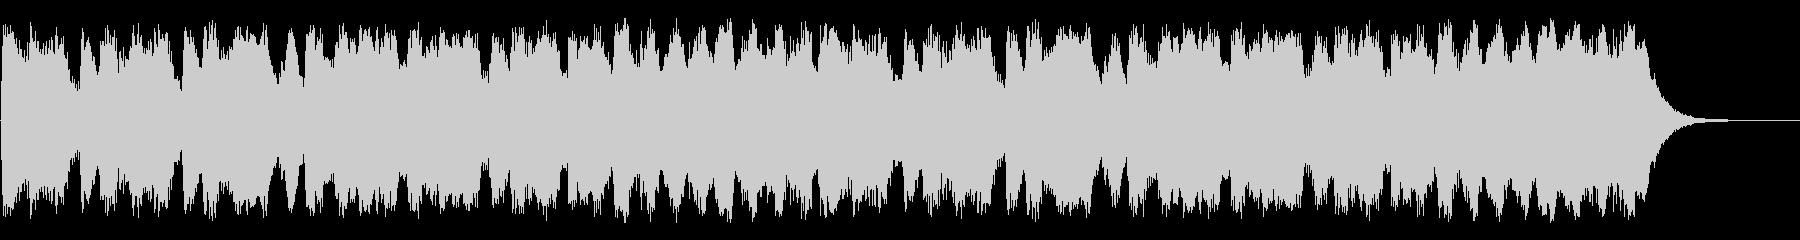 RPGの草原を歩くイメージのオーケストラの未再生の波形